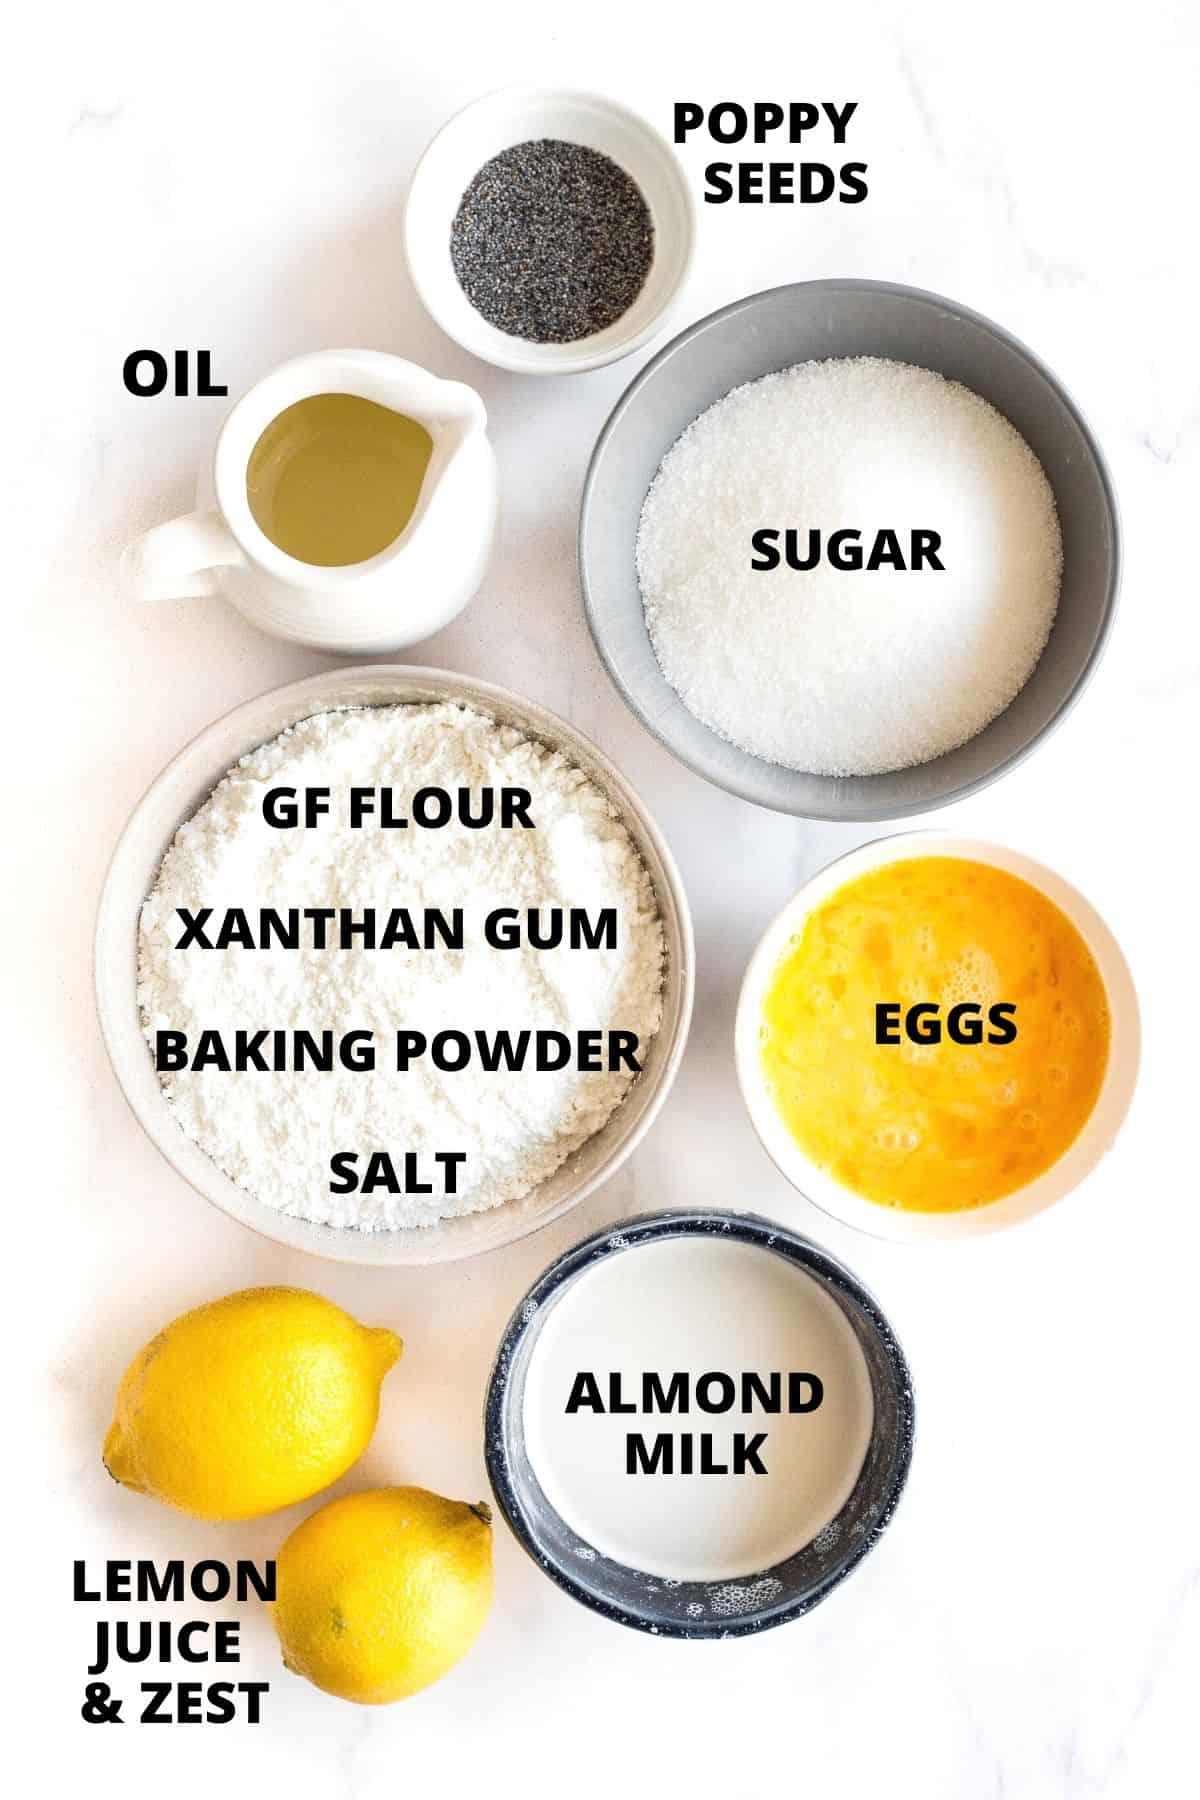 Labeled ingredients for gluten-free lemon poppyseed bread recipe on marble board.